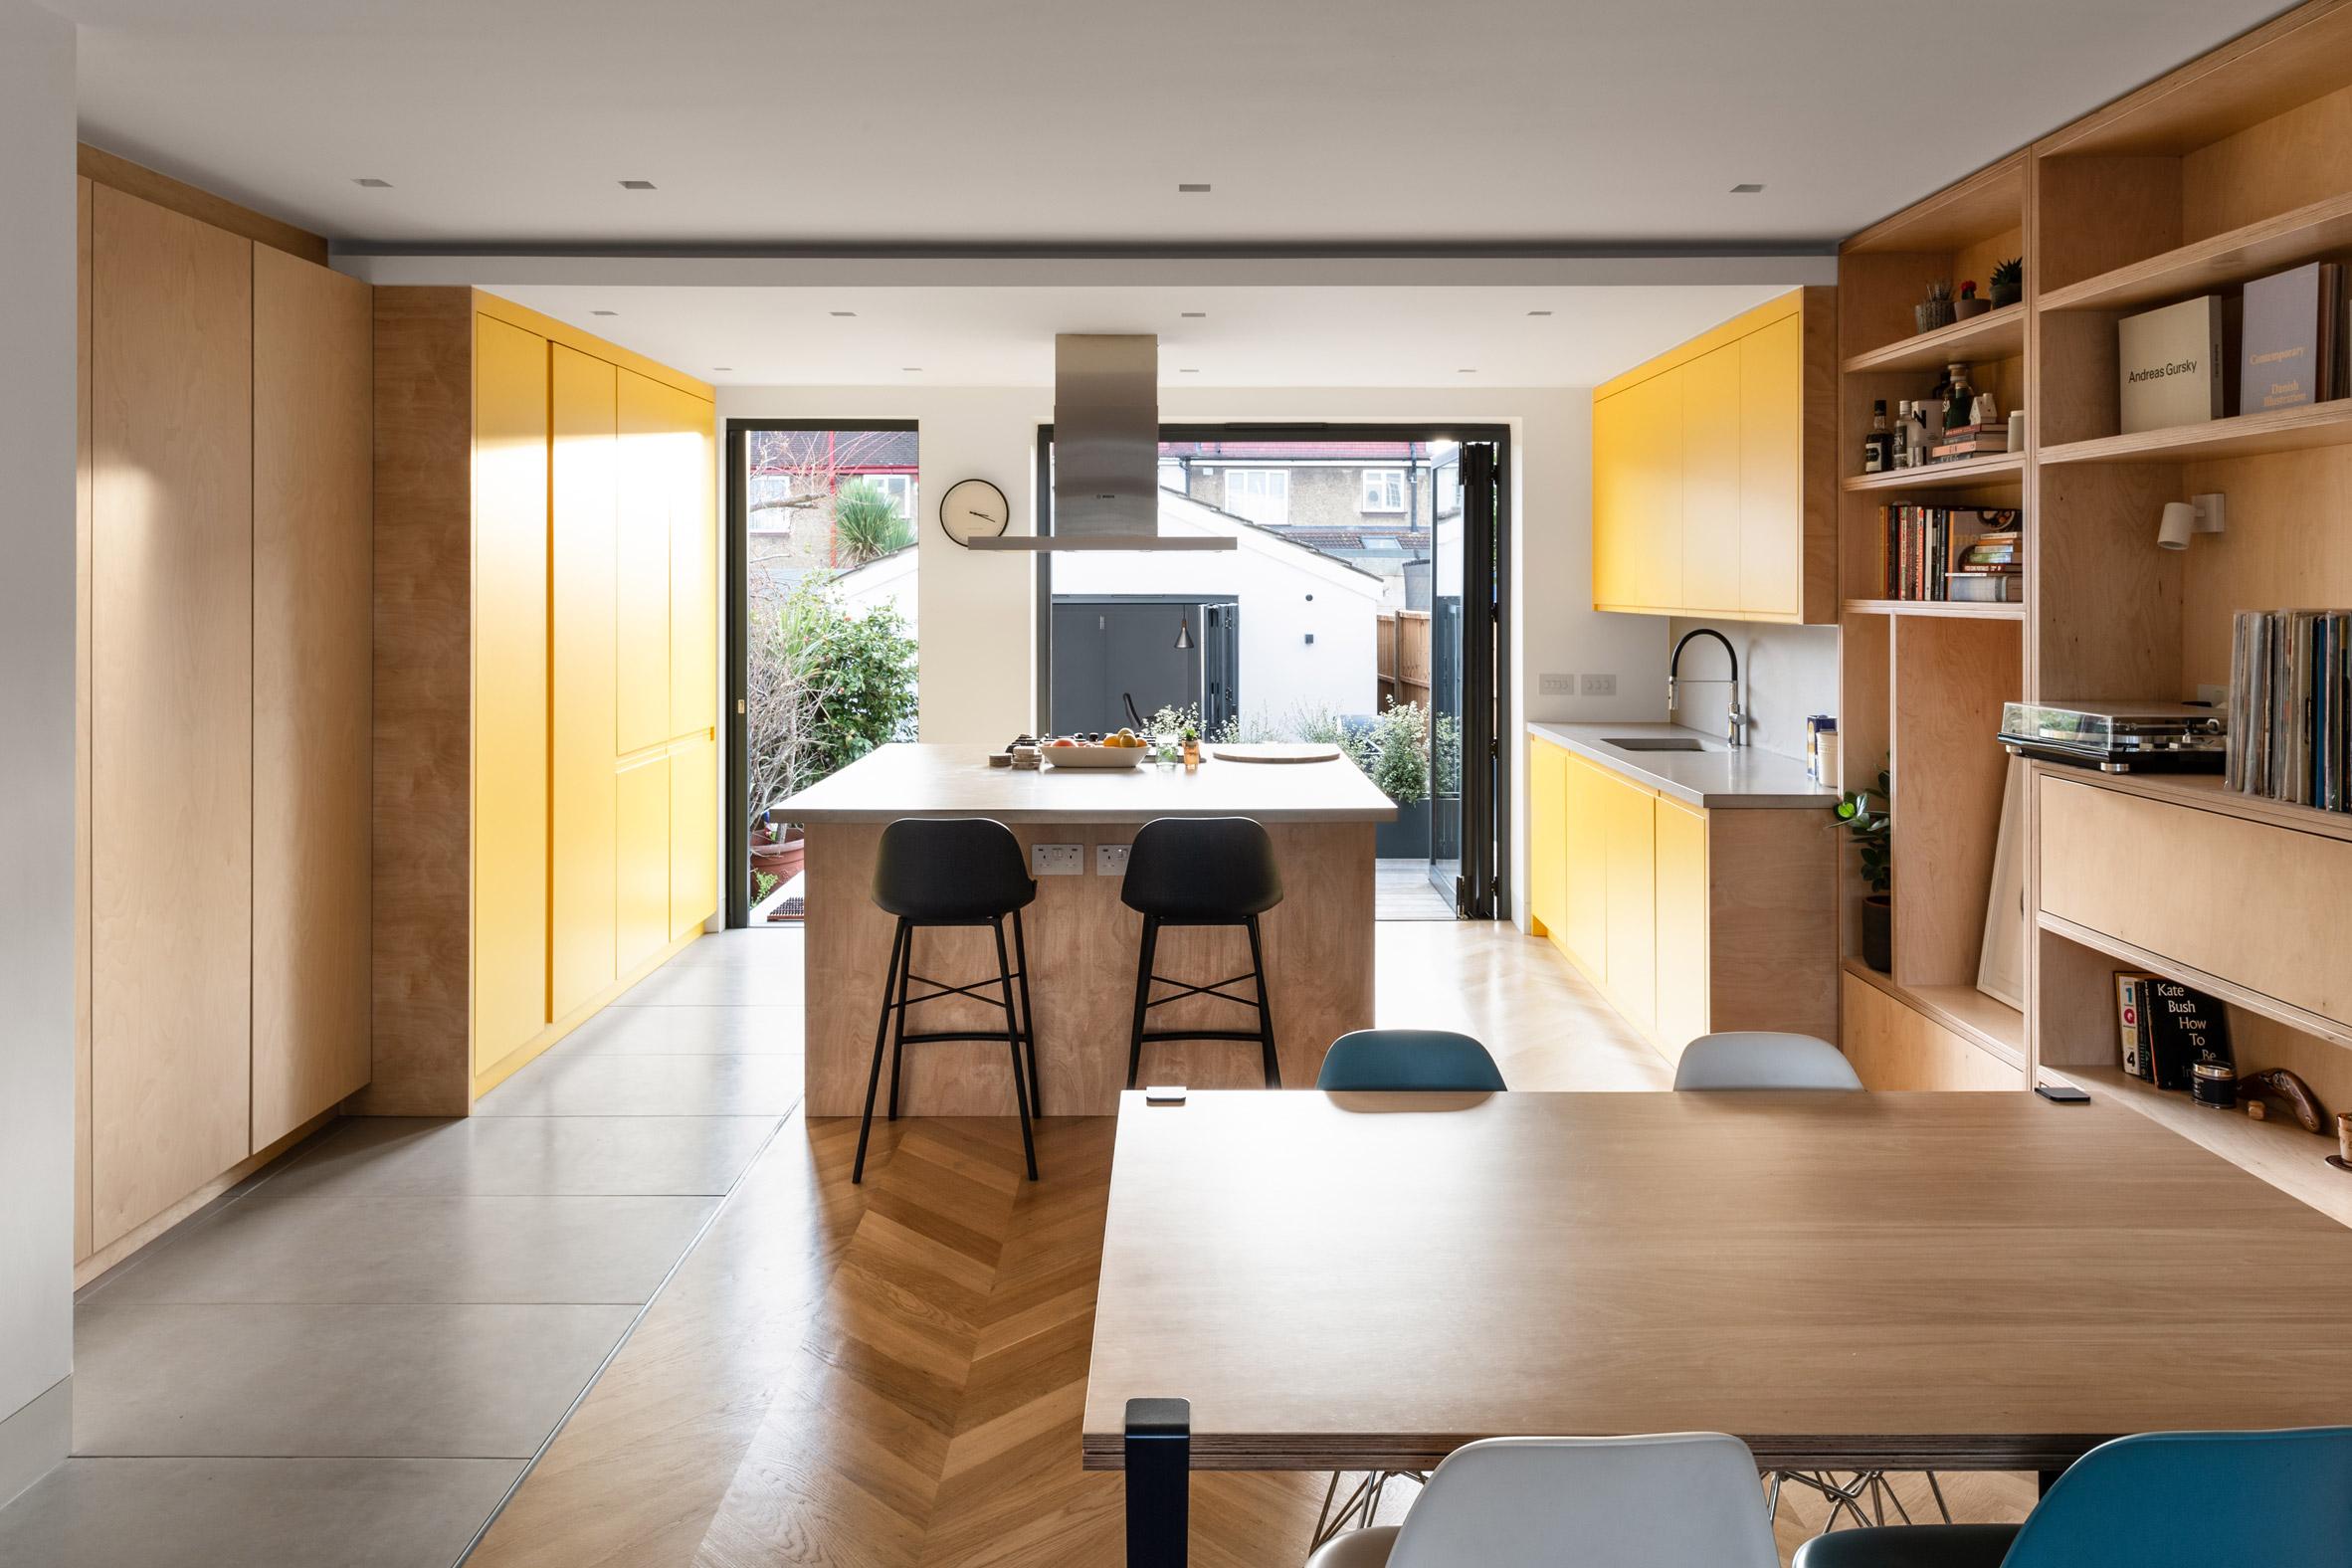 Архитекти внасят цветни акценти и елементи от бреза в къща от 30-те